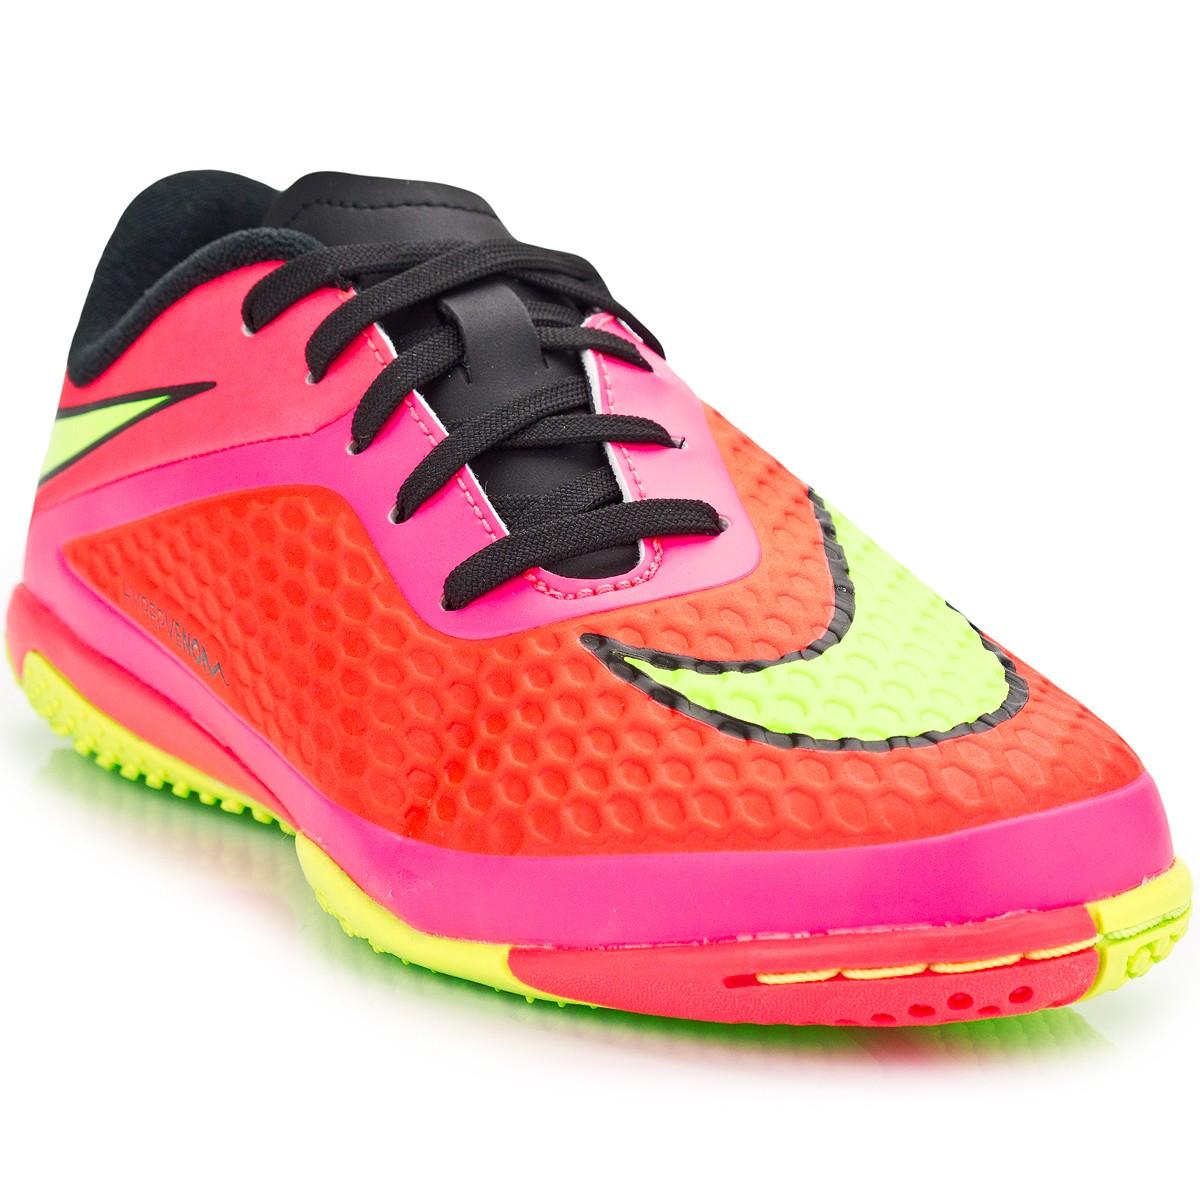 ... Mercurial Vortex II IC Jr 651643 Futebol Futsal MaxTennis  89721d424f9 Chuteira  Nike Hypervenom Phelon IC Jr 599811 Futebol Futsal MaxTennis ... a9f7a9b2cc